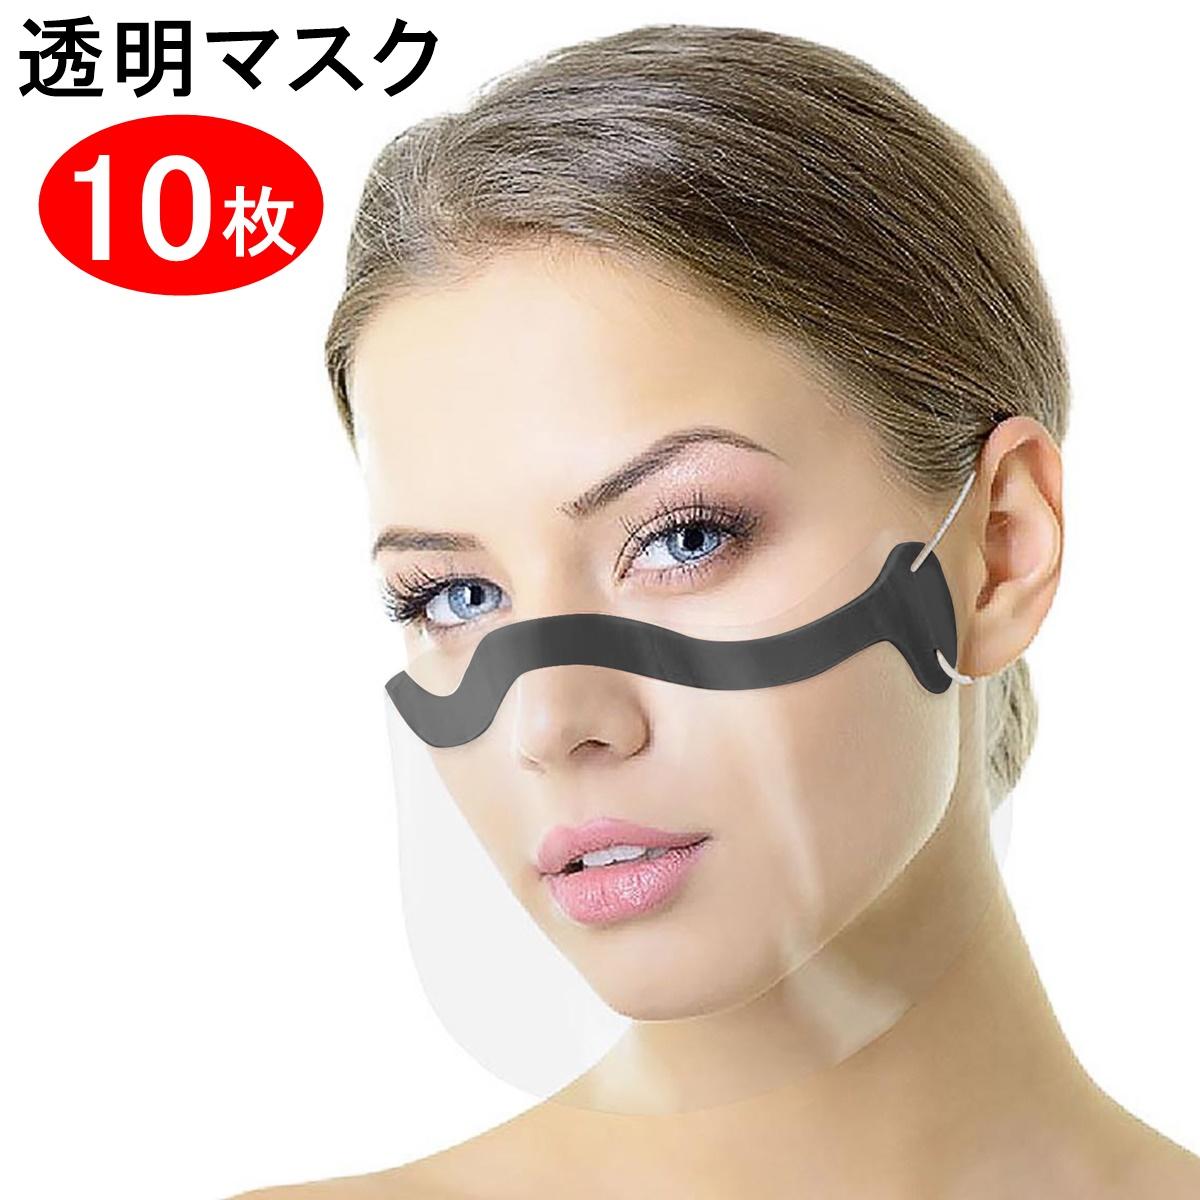 翌日出荷 10枚 透明マスク クリアマスク ウレタン 正規品送料無料 送料無料 口元ガード マウスガード 買取 マウスシールド 男女兼用